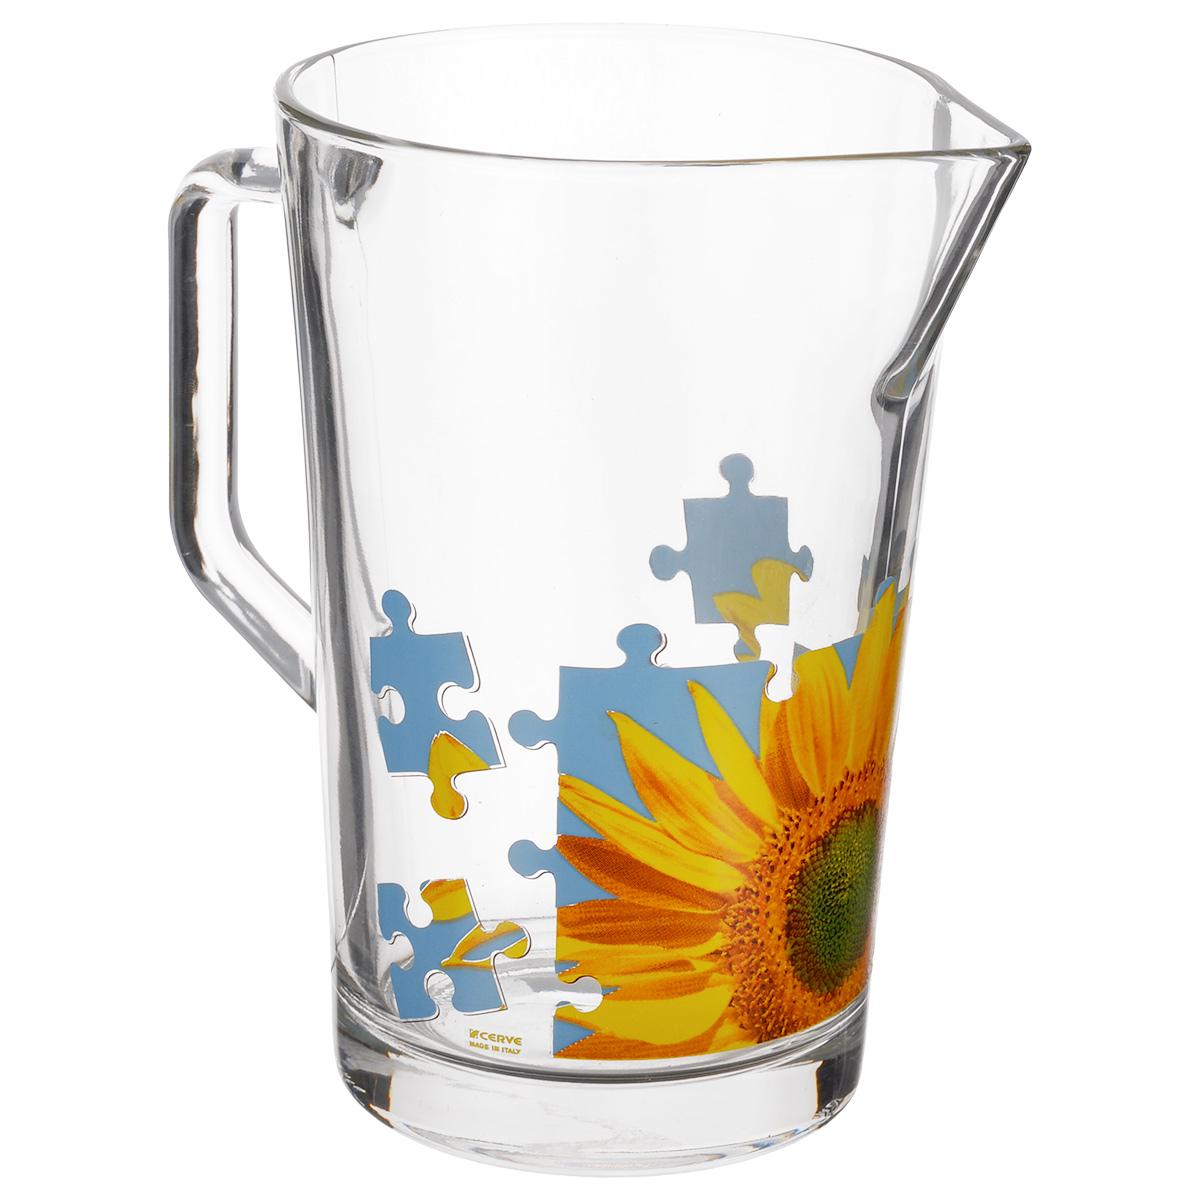 Кувшин Cerve Пазл Подсолнух, 1,3 лCEM42220Кувшин Cerve Пазл Подсолнух, выполненный из высококачественного стекла, оформлен изображением подсолнуха в виде пазла. Он оснащен удобной ручкой и прост в использовании, достаточно просто наклонить его и налить ваш любимый напиток. Изделие прекрасно подойдет для подачи воды, сока, компота и других напитков. Кувшин Cerve Пазл Подсолнух дополнит интерьер вашей кухни и станет замечательным подарком к любому празднику. Диаметр (по верхнему краю): 11,5 см. Высота кувшина: 18 см.